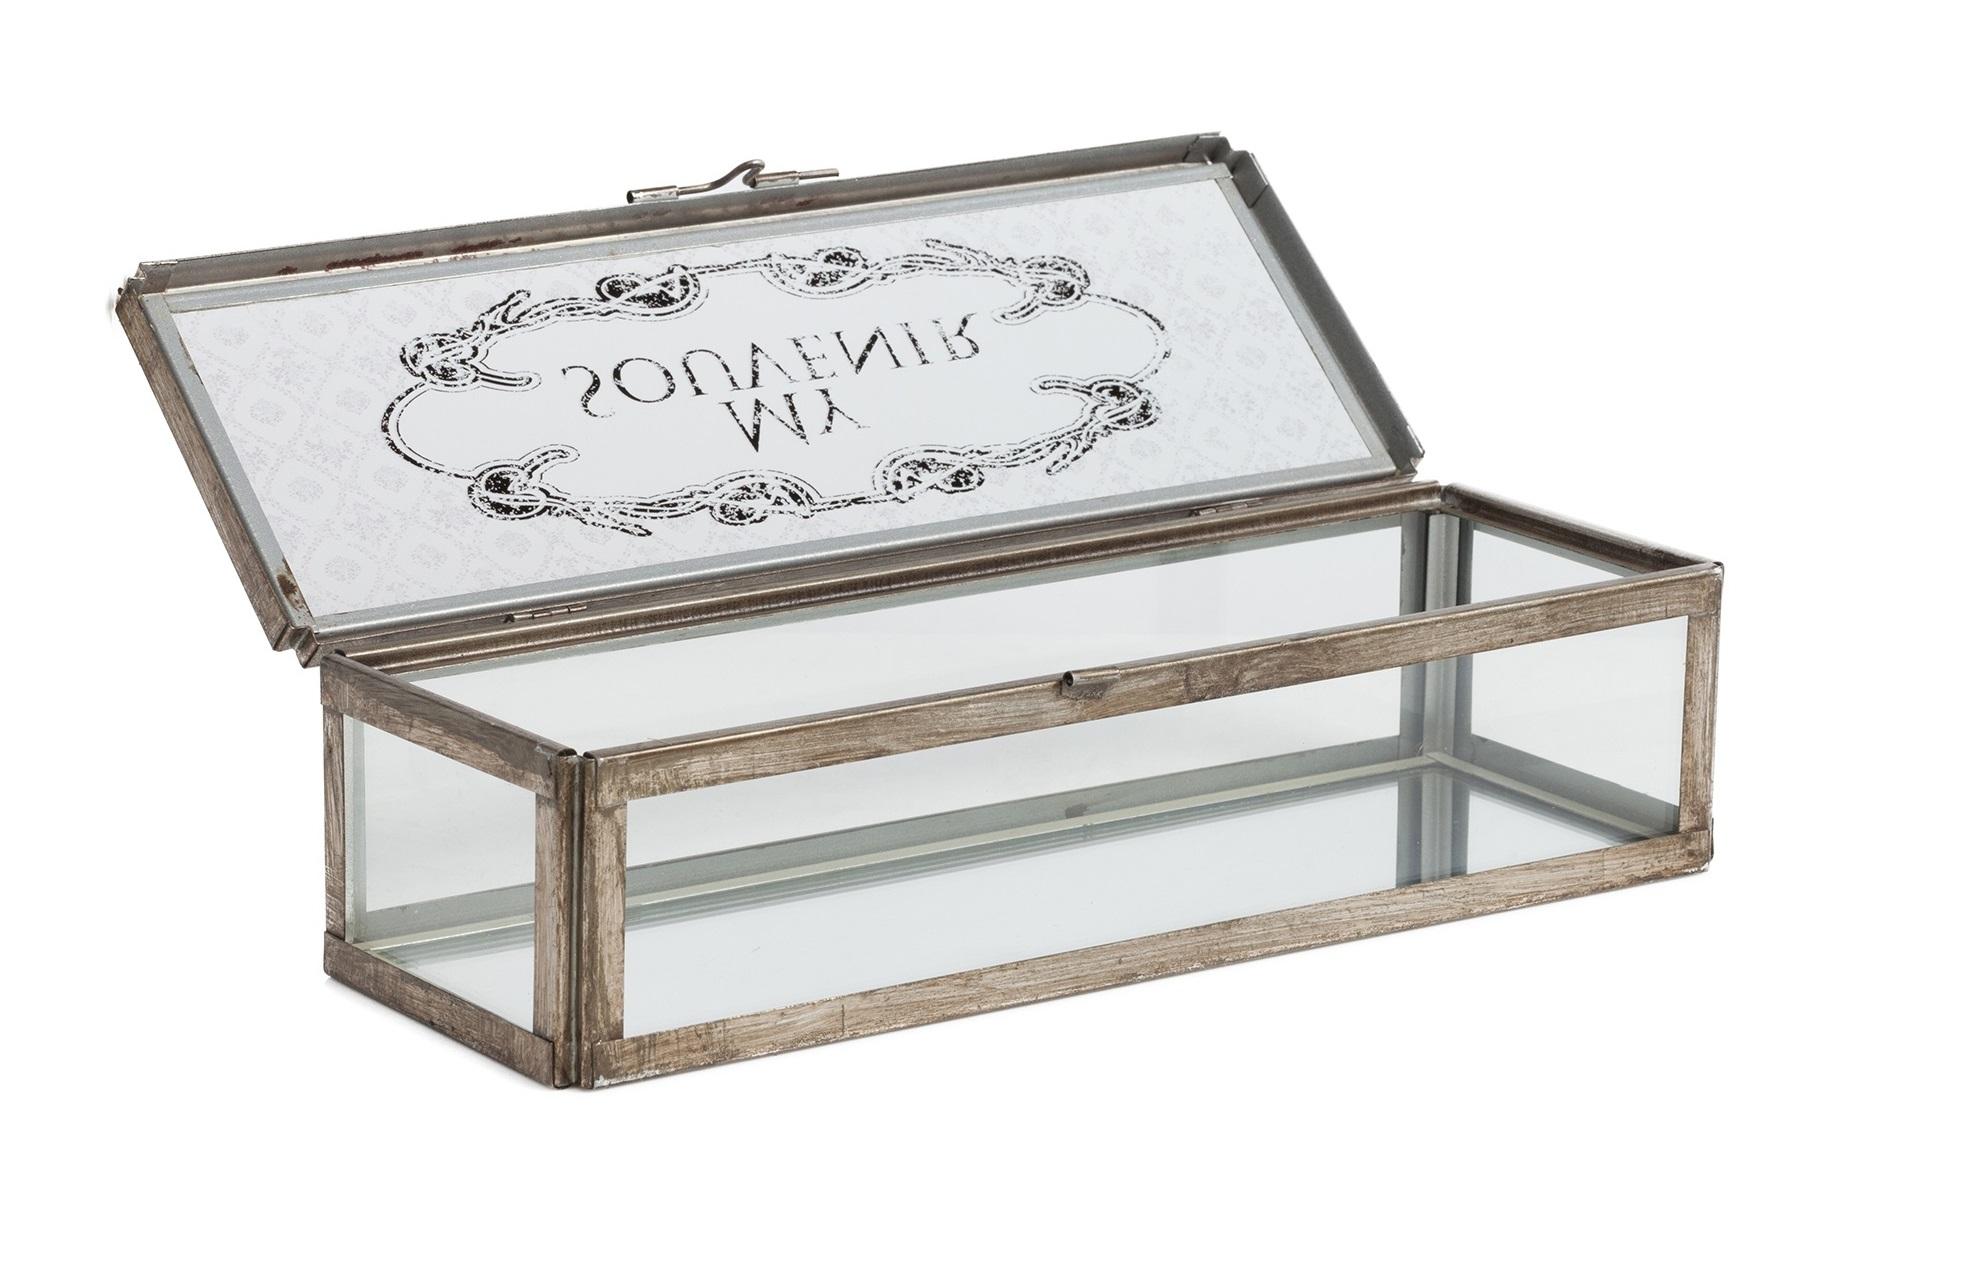 Коробка для ювелирных украшений AlanaШкатулки<br>&amp;lt;div&amp;gt;Материал: Стекло, Металл&amp;lt;/div&amp;gt;&amp;lt;div&amp;gt;&amp;lt;br&amp;gt;&amp;lt;/div&amp;gt;<br><br>Material: Металл<br>Length см: None<br>Width см: 10<br>Depth см: 30,5<br>Height см: 7,5